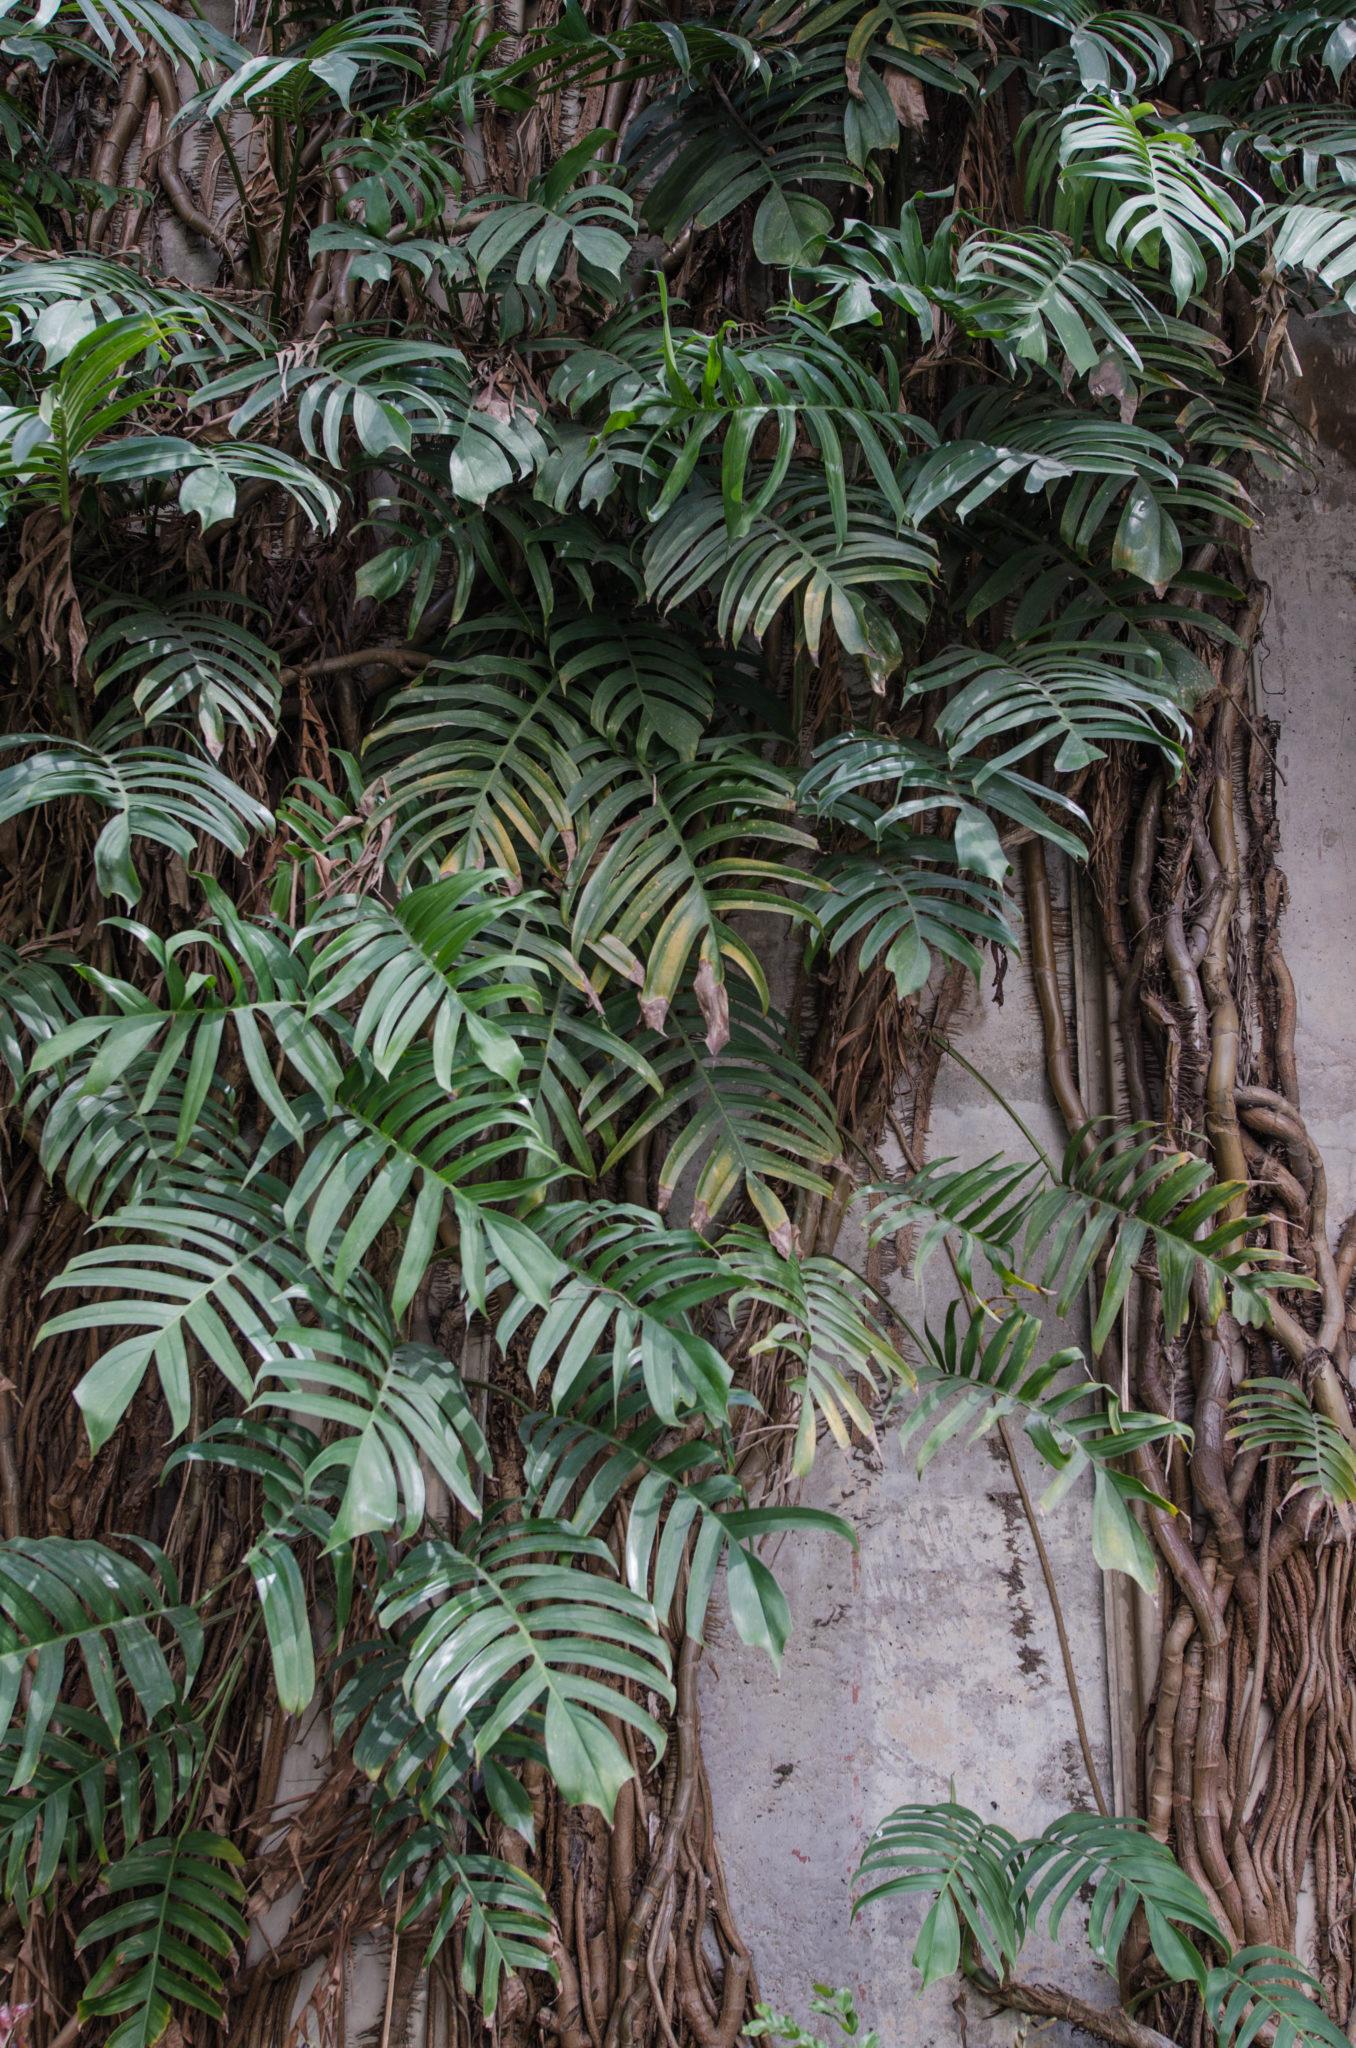 Pflanzen in der Nähe des Hoteleingangs